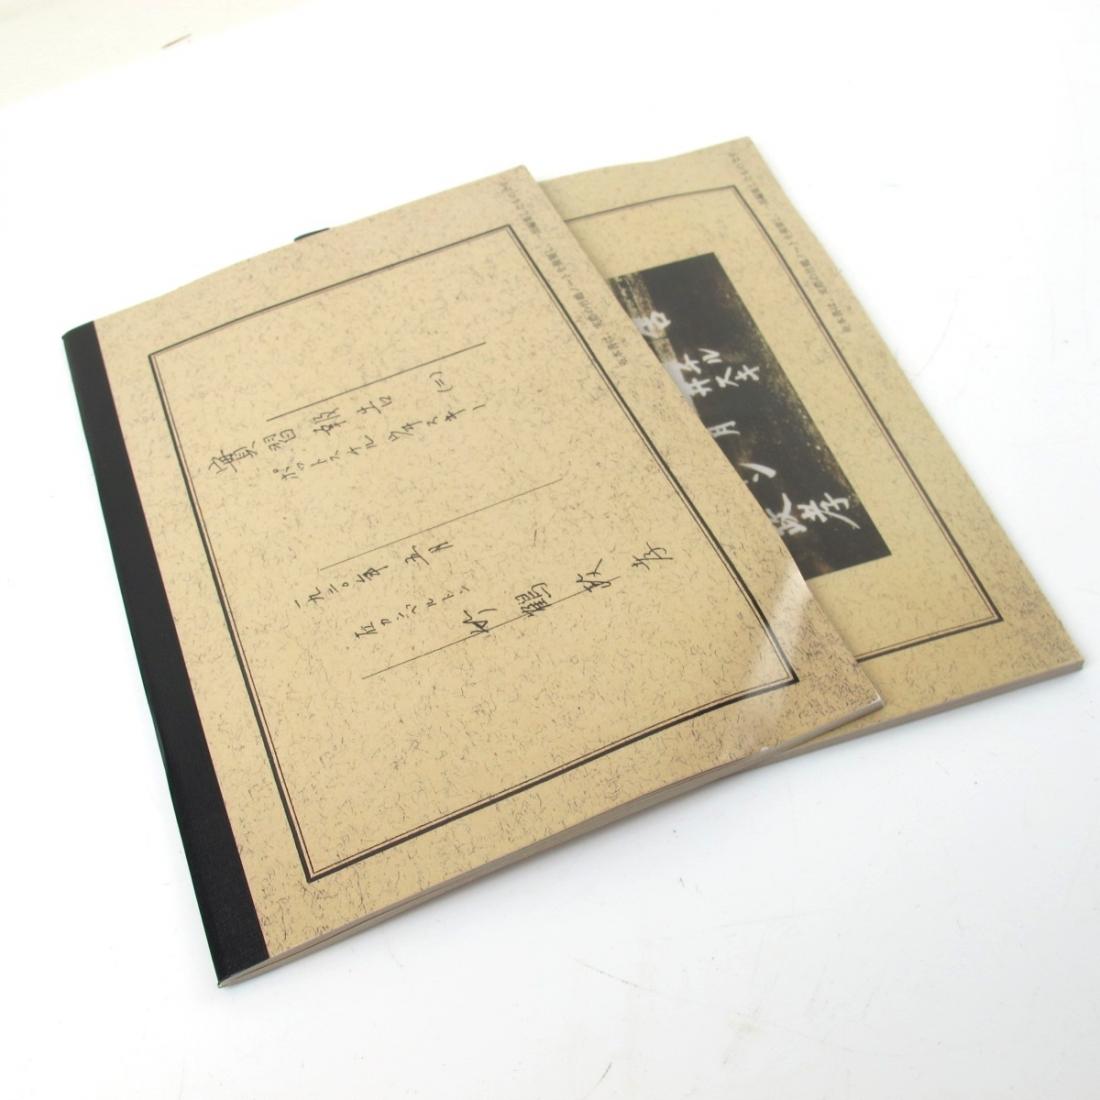 Nikka Taketsuru On The Road Case 5 x 70cl